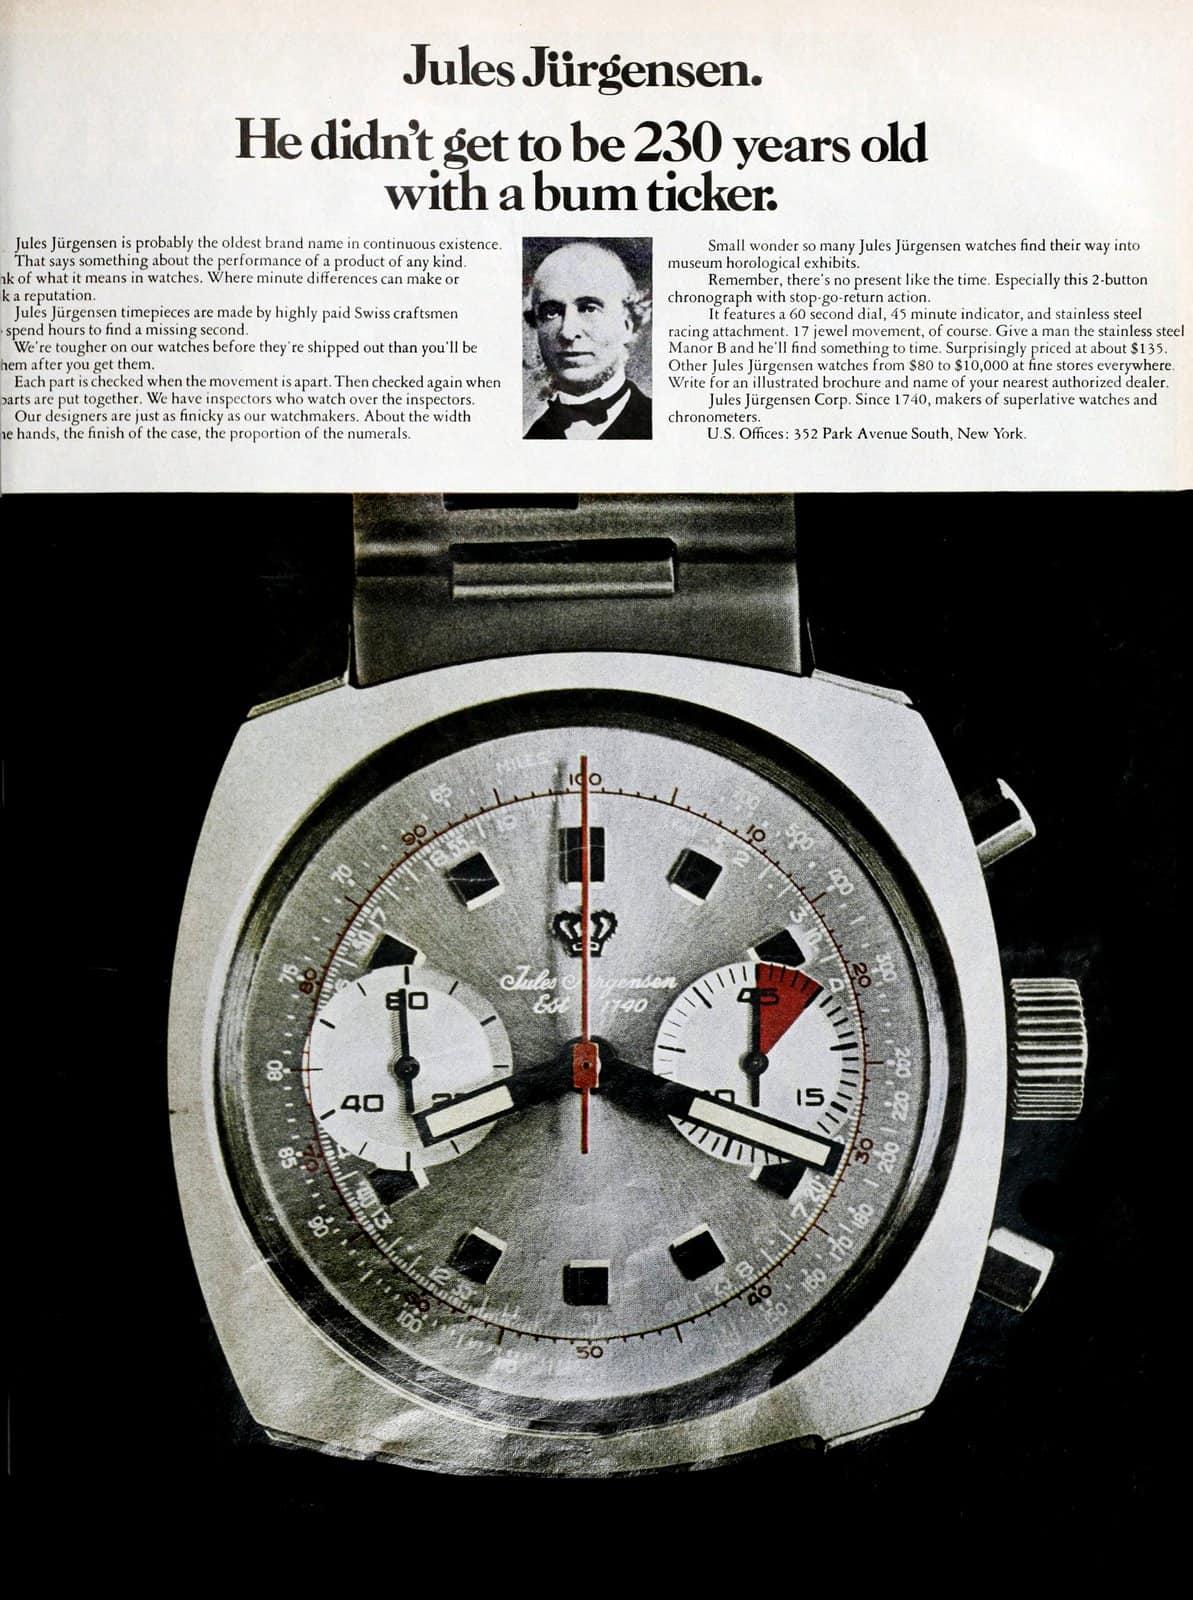 Vintage 70s Jules Jurgensen watches (1970)